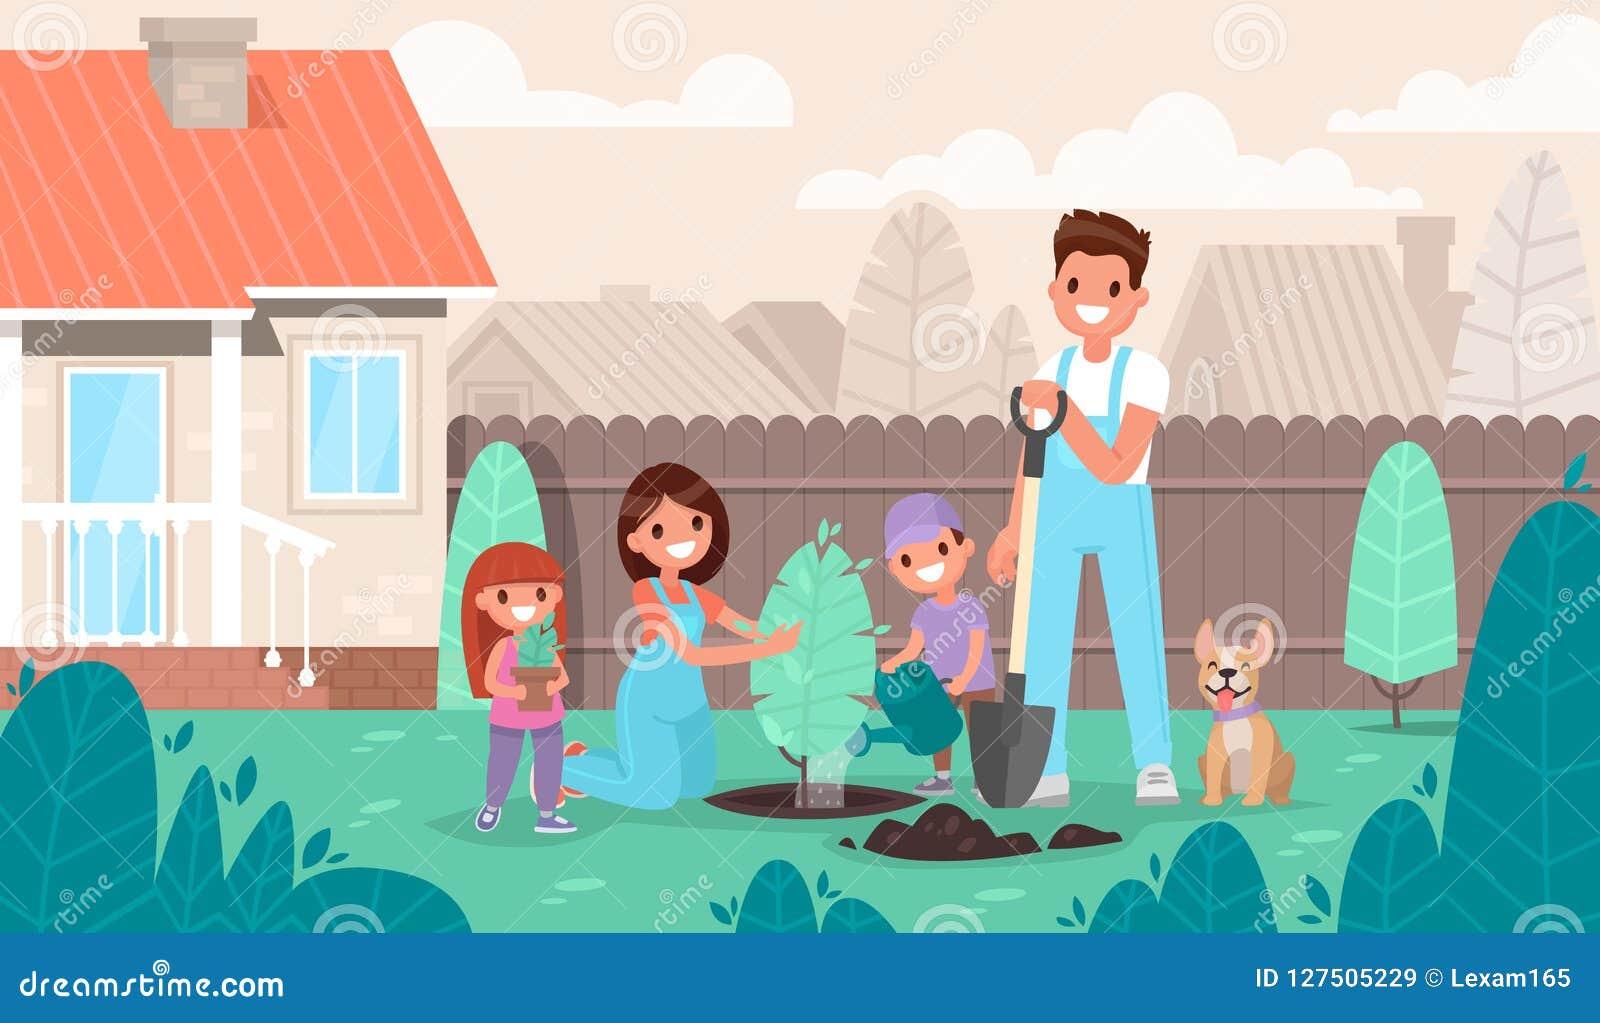 幸福家庭在庭院里种植一棵树 父项和子项